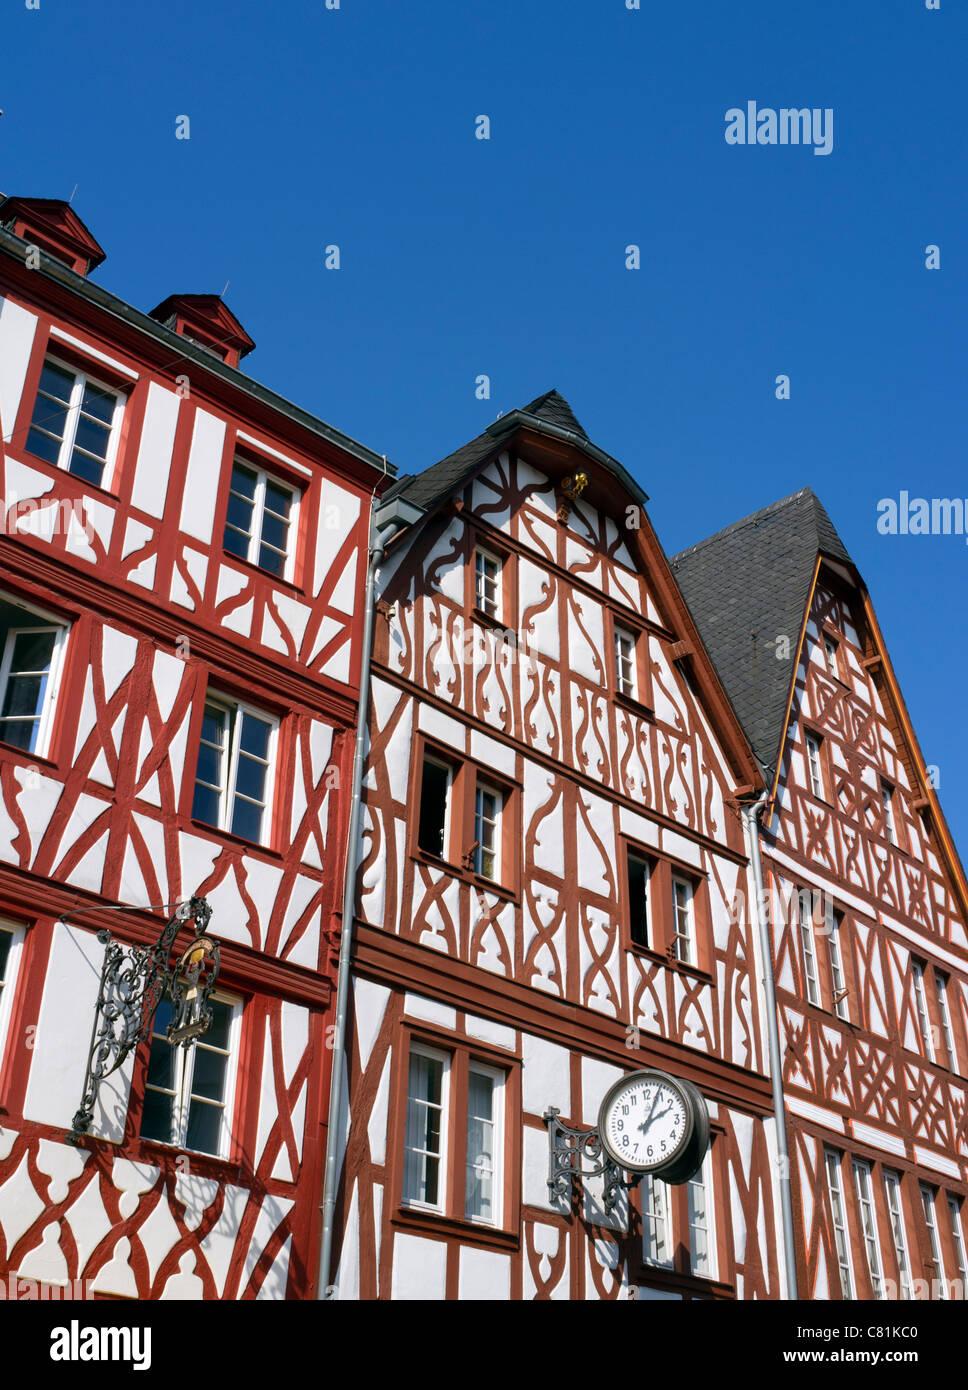 Vieilles maisons à colombages dans le centre de Trèves Rhénanie-palatinat, Allemagne Photo Stock